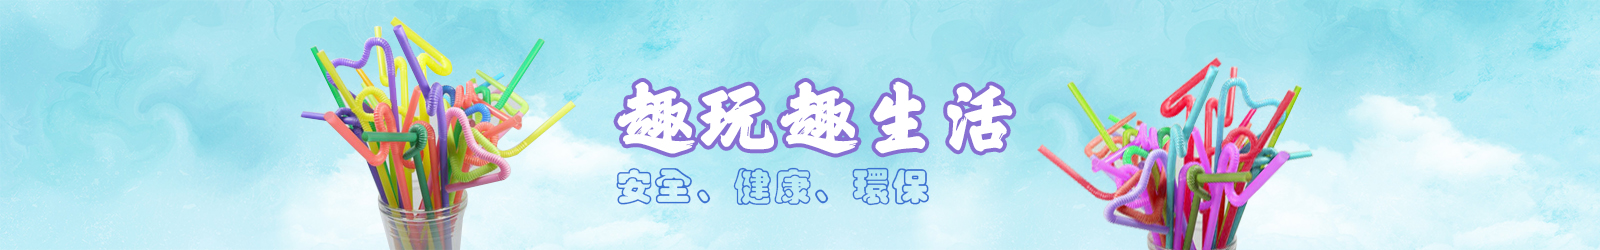 深圳市创兴隆科技有限公司